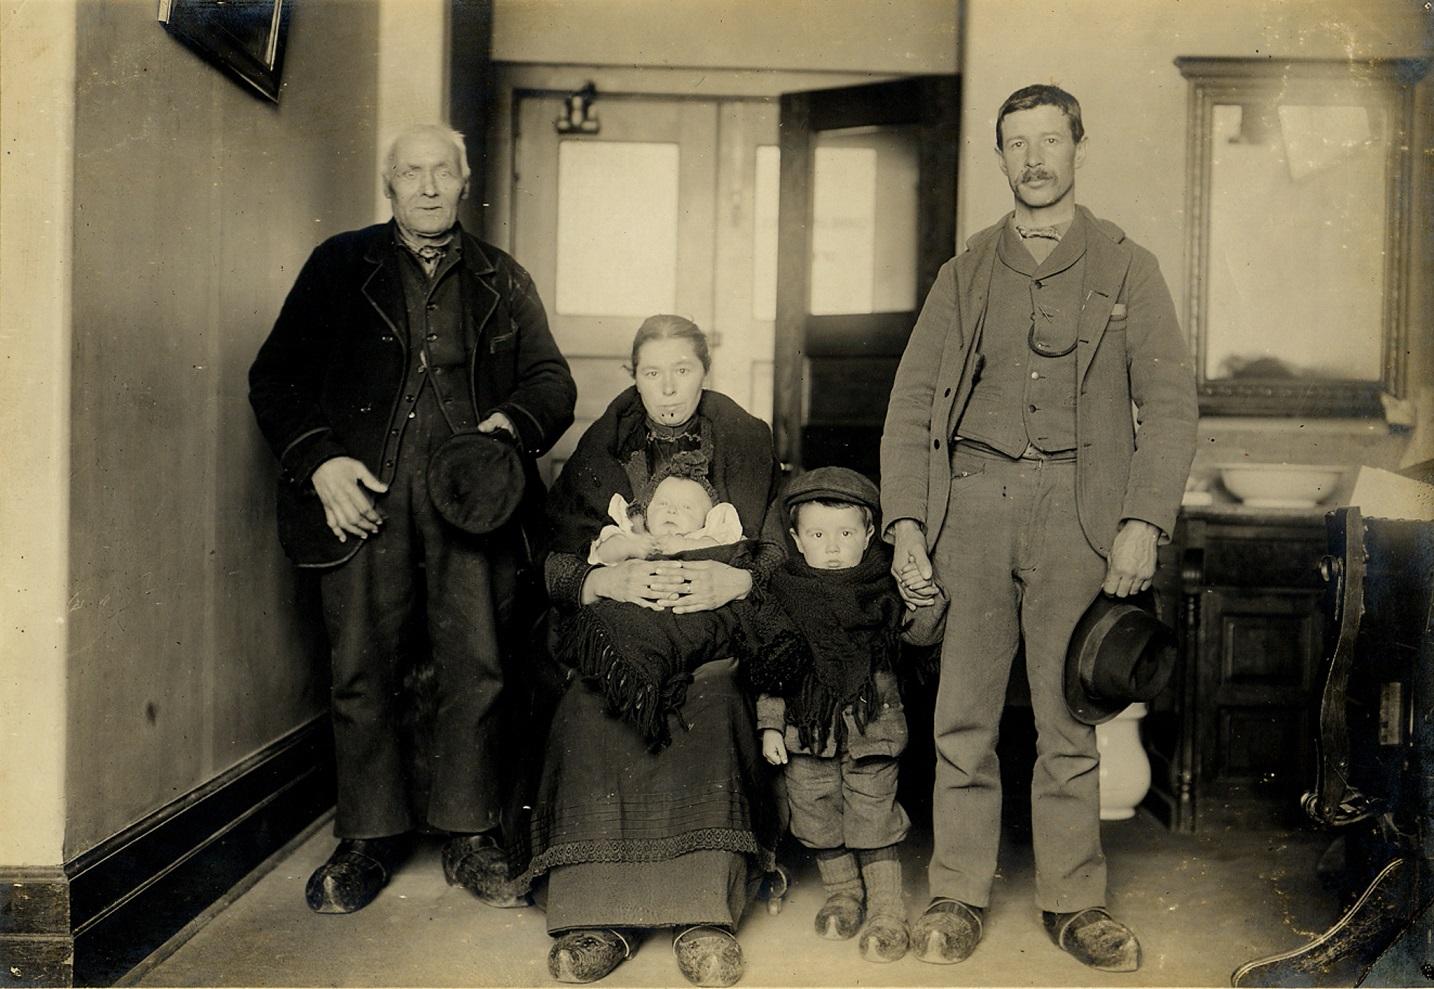 1900年代初頭に、ニューヨーク・エリス島の移民局に到着したドイツ人親子3代 (National Park Service)